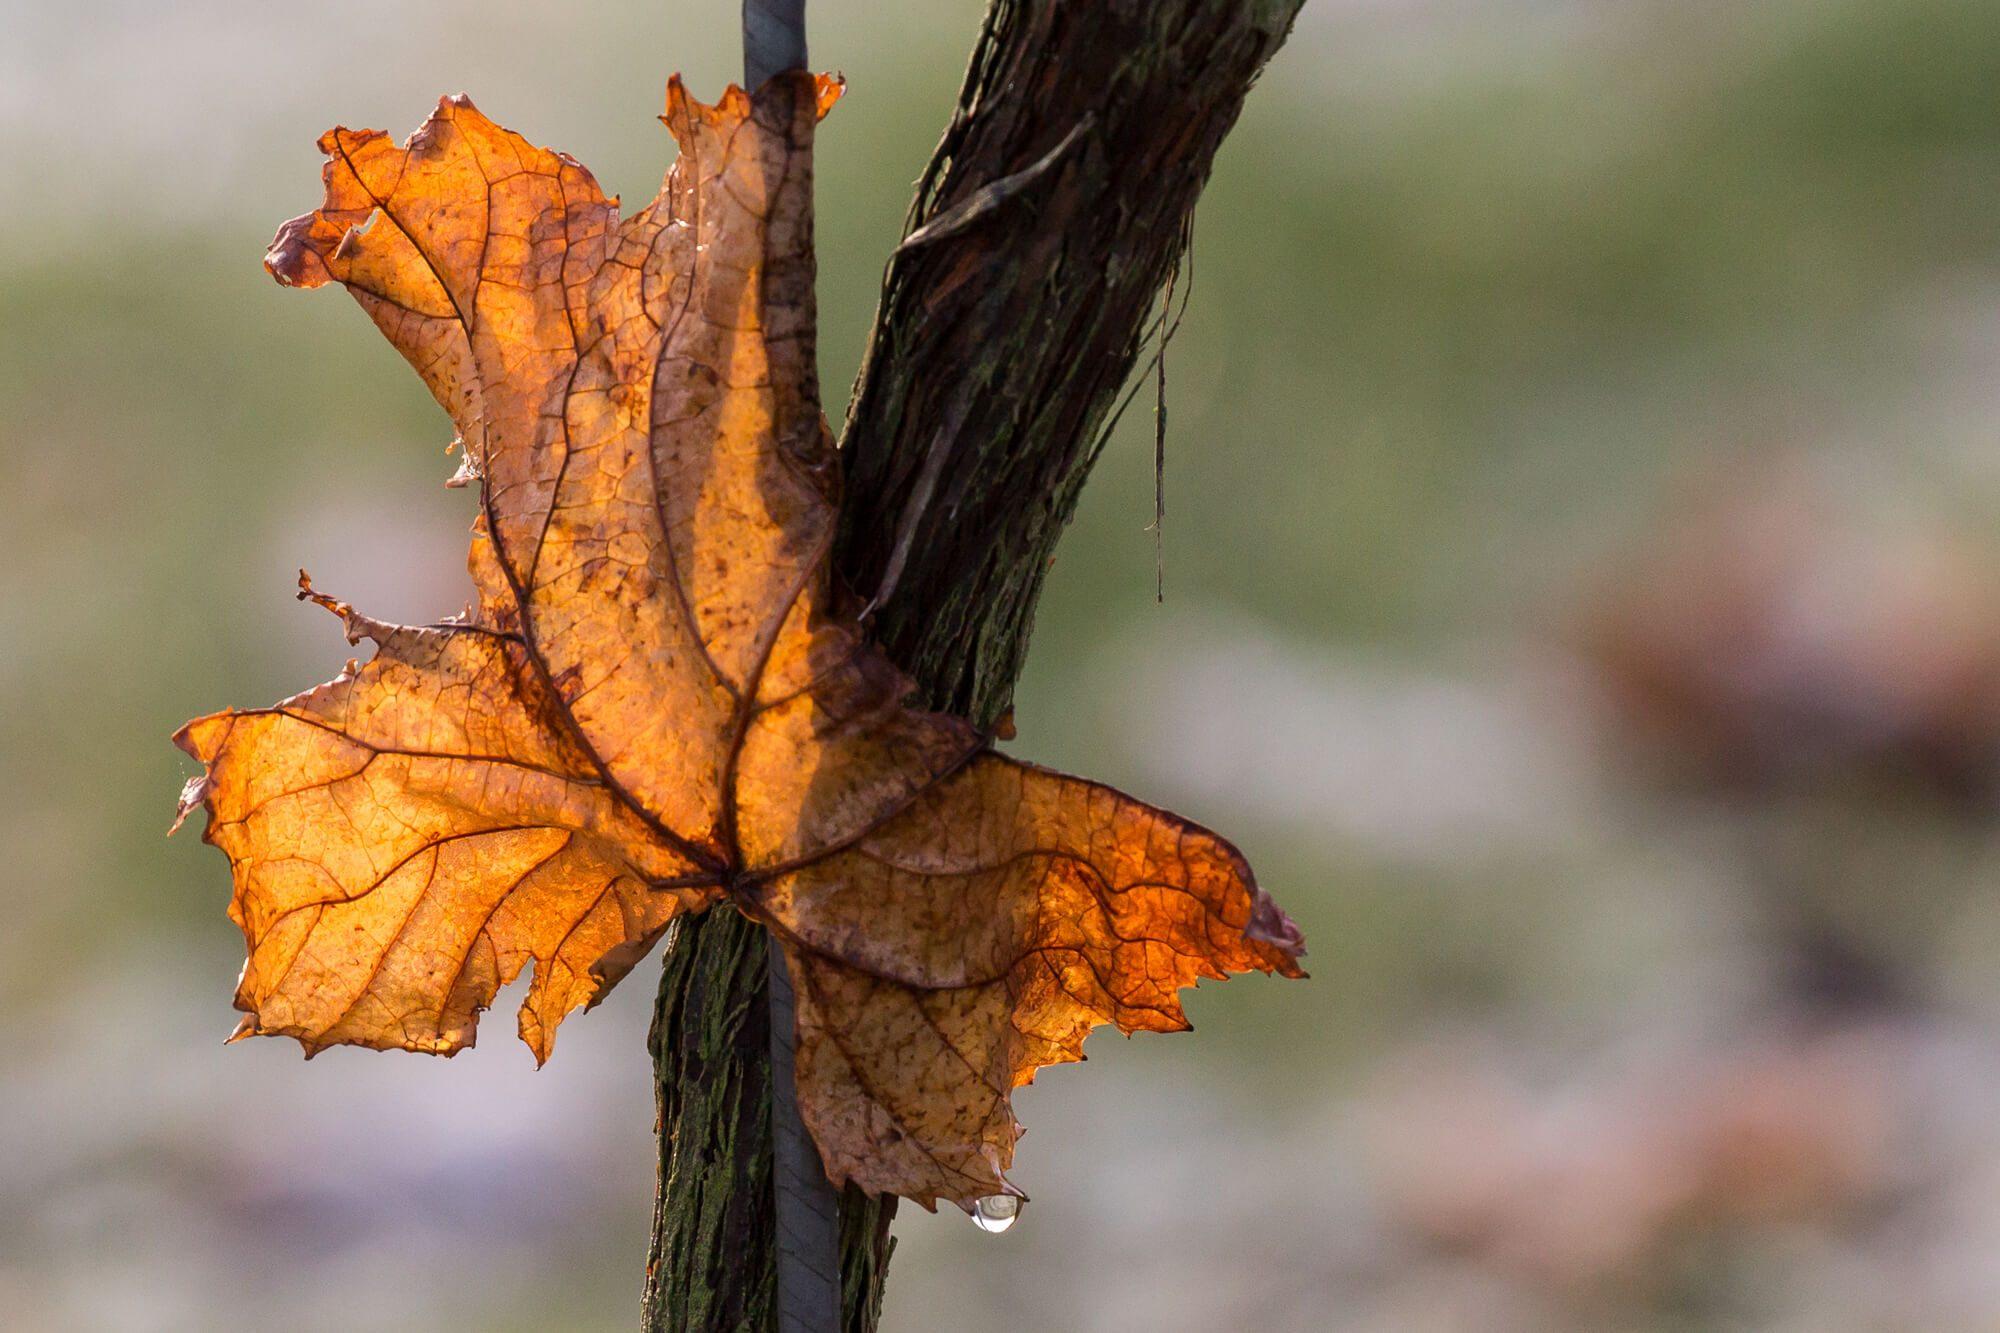 Leaf on a Vine